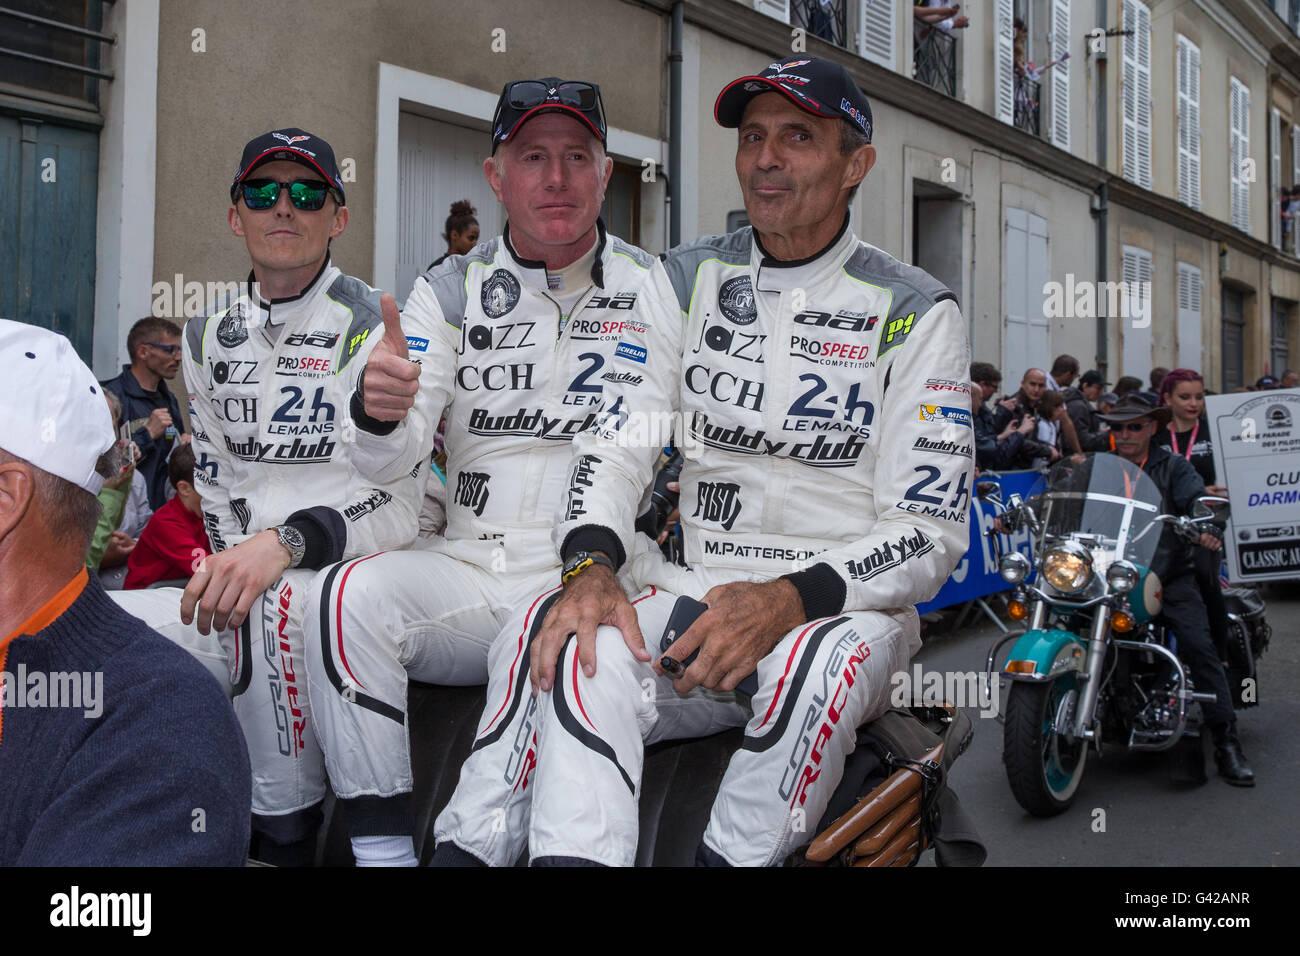 Le Mans Circuit, Le Mans, France. 17th June, 2016. Le Mans 24 Hours Drivers Parade. Team AAI Chevrolet Corvette - Stock Image